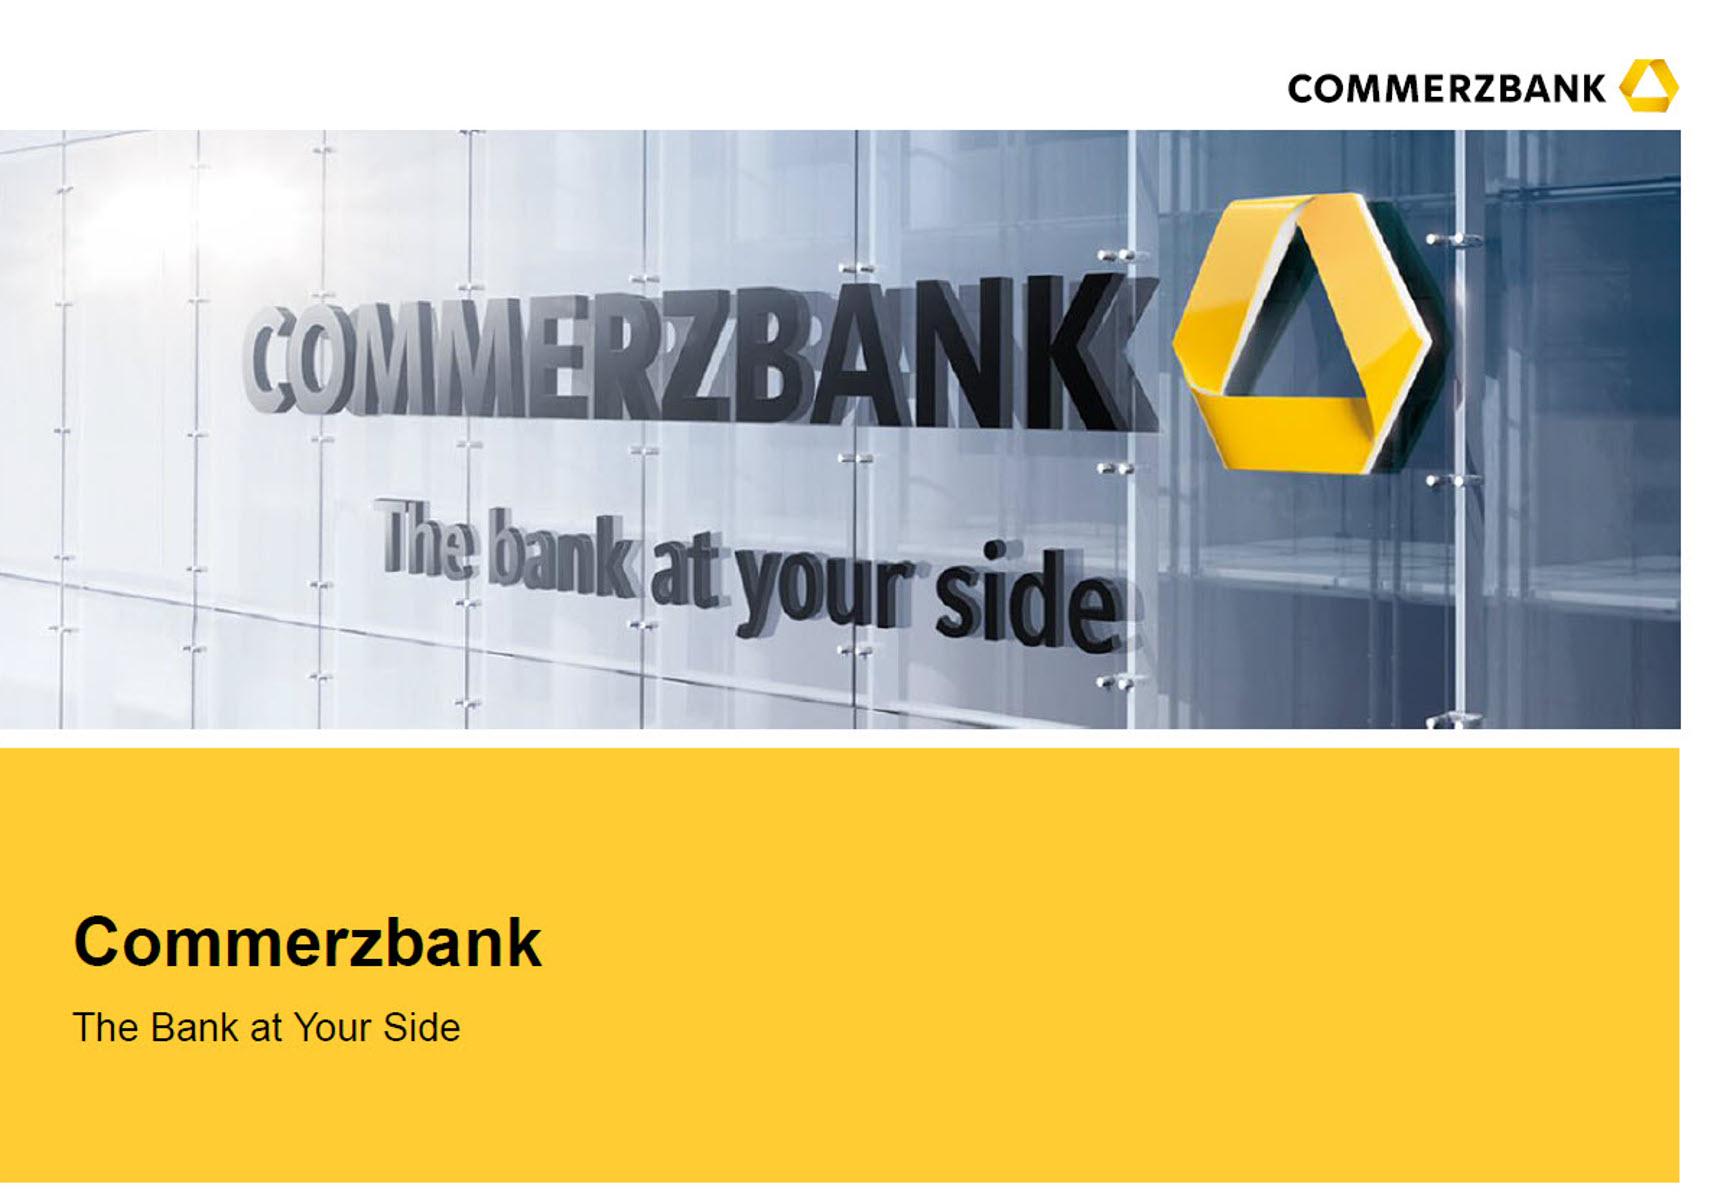 Messestand_Commerzbank_Unternehmen